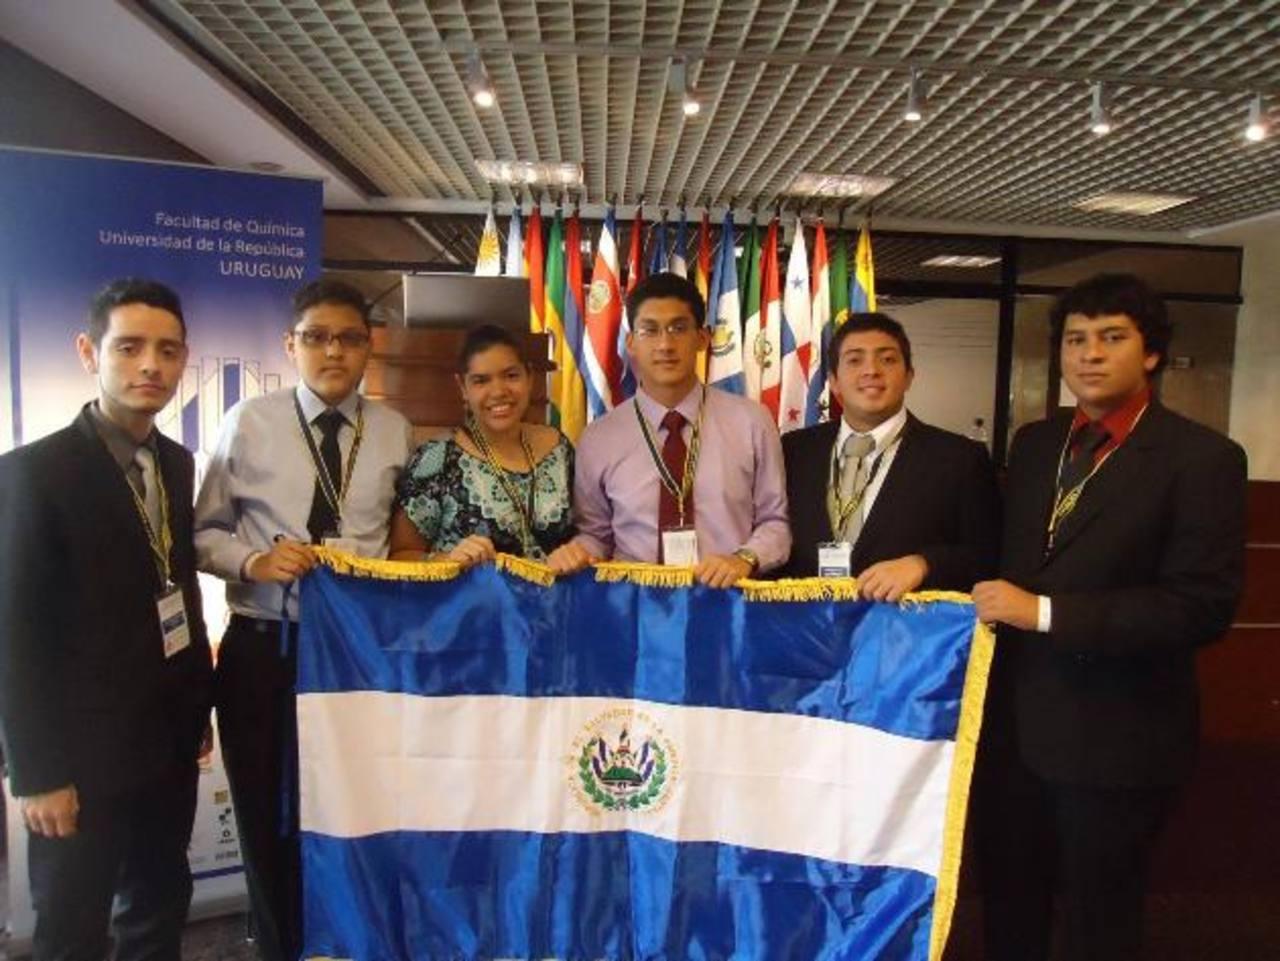 Salvadoreño logró medalla de oro en olimpiada de Química